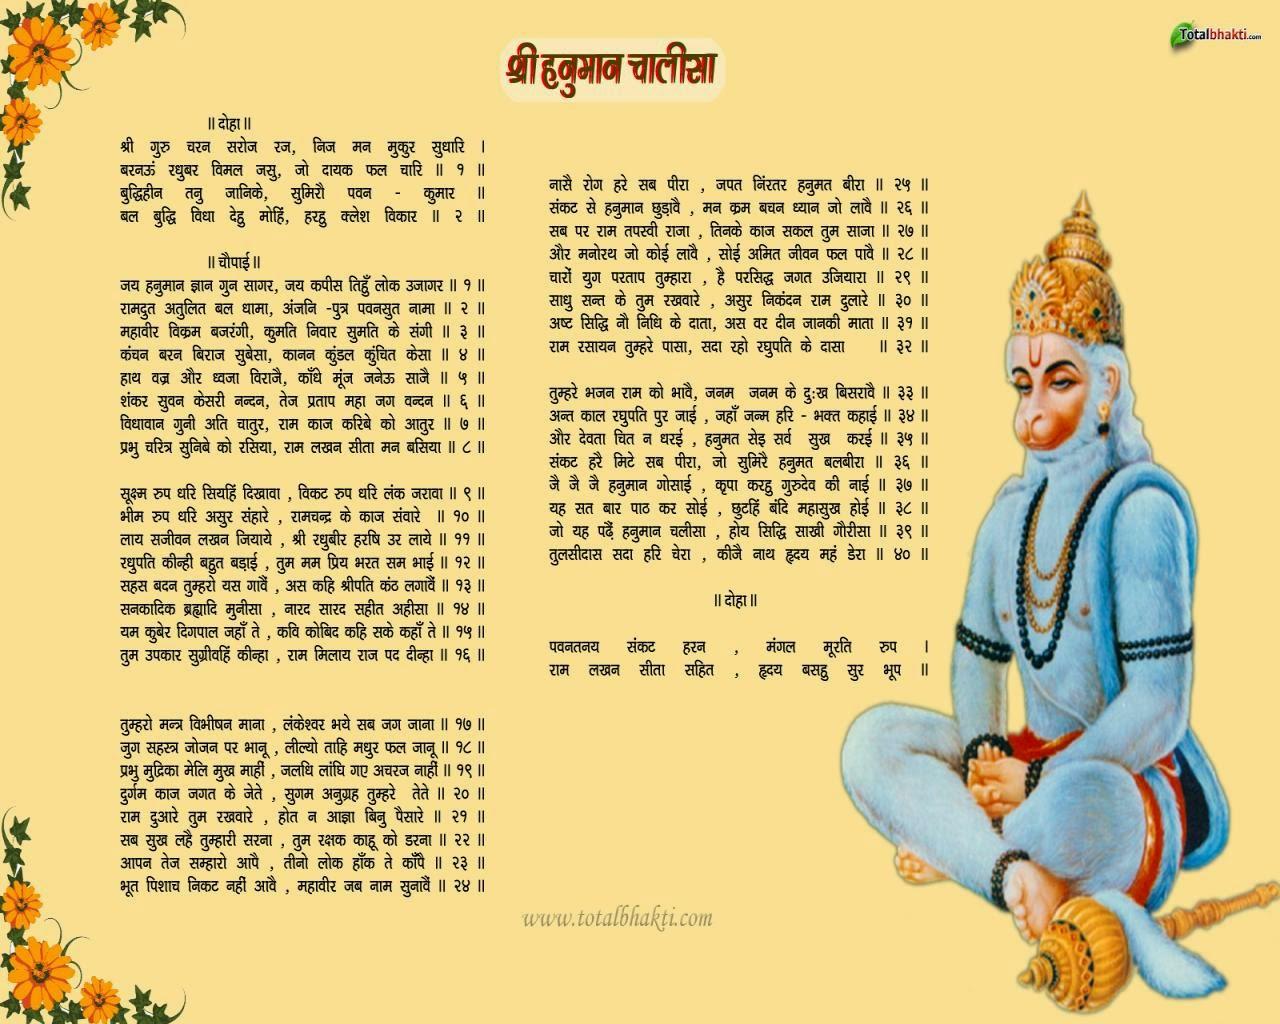 Lagu Shree Hanuman Chalisa Hariharan Lirik Lyrics Videos Bollywood Mp3